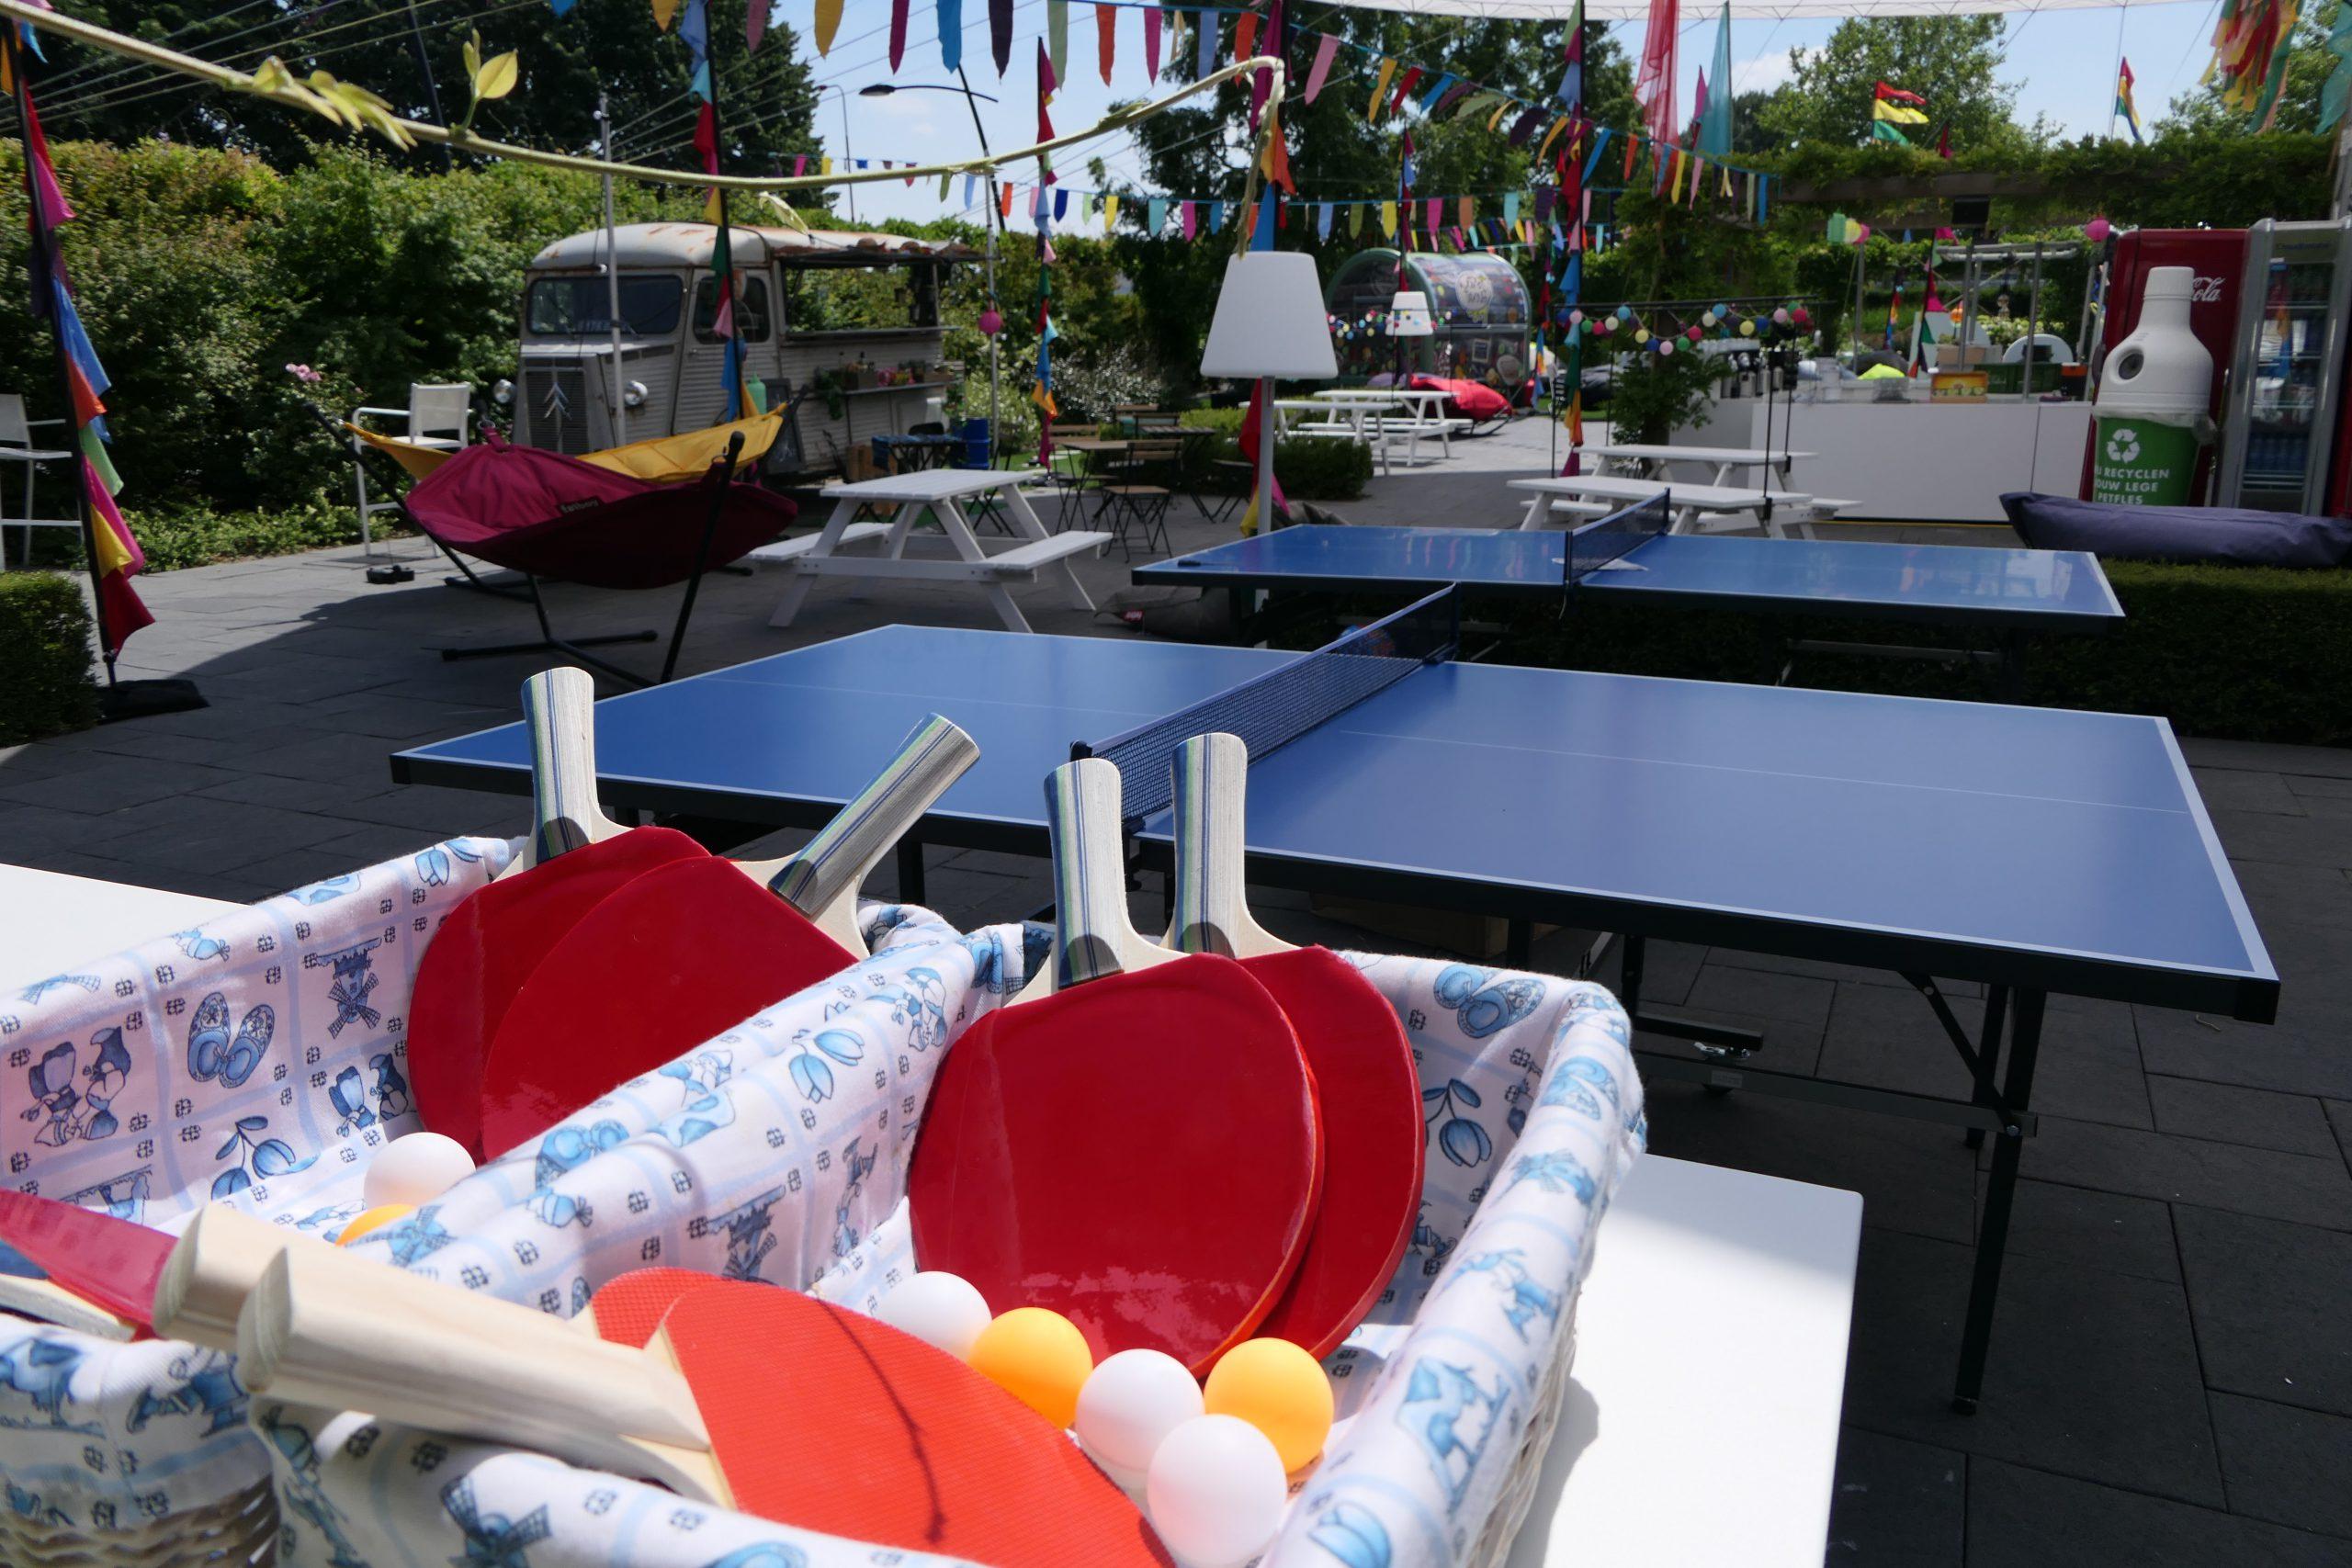 Van pingpongtafels tot een foodtruck tijdens de lunch: organiseer bij het NBC jouw zomerse bijeenkomst.